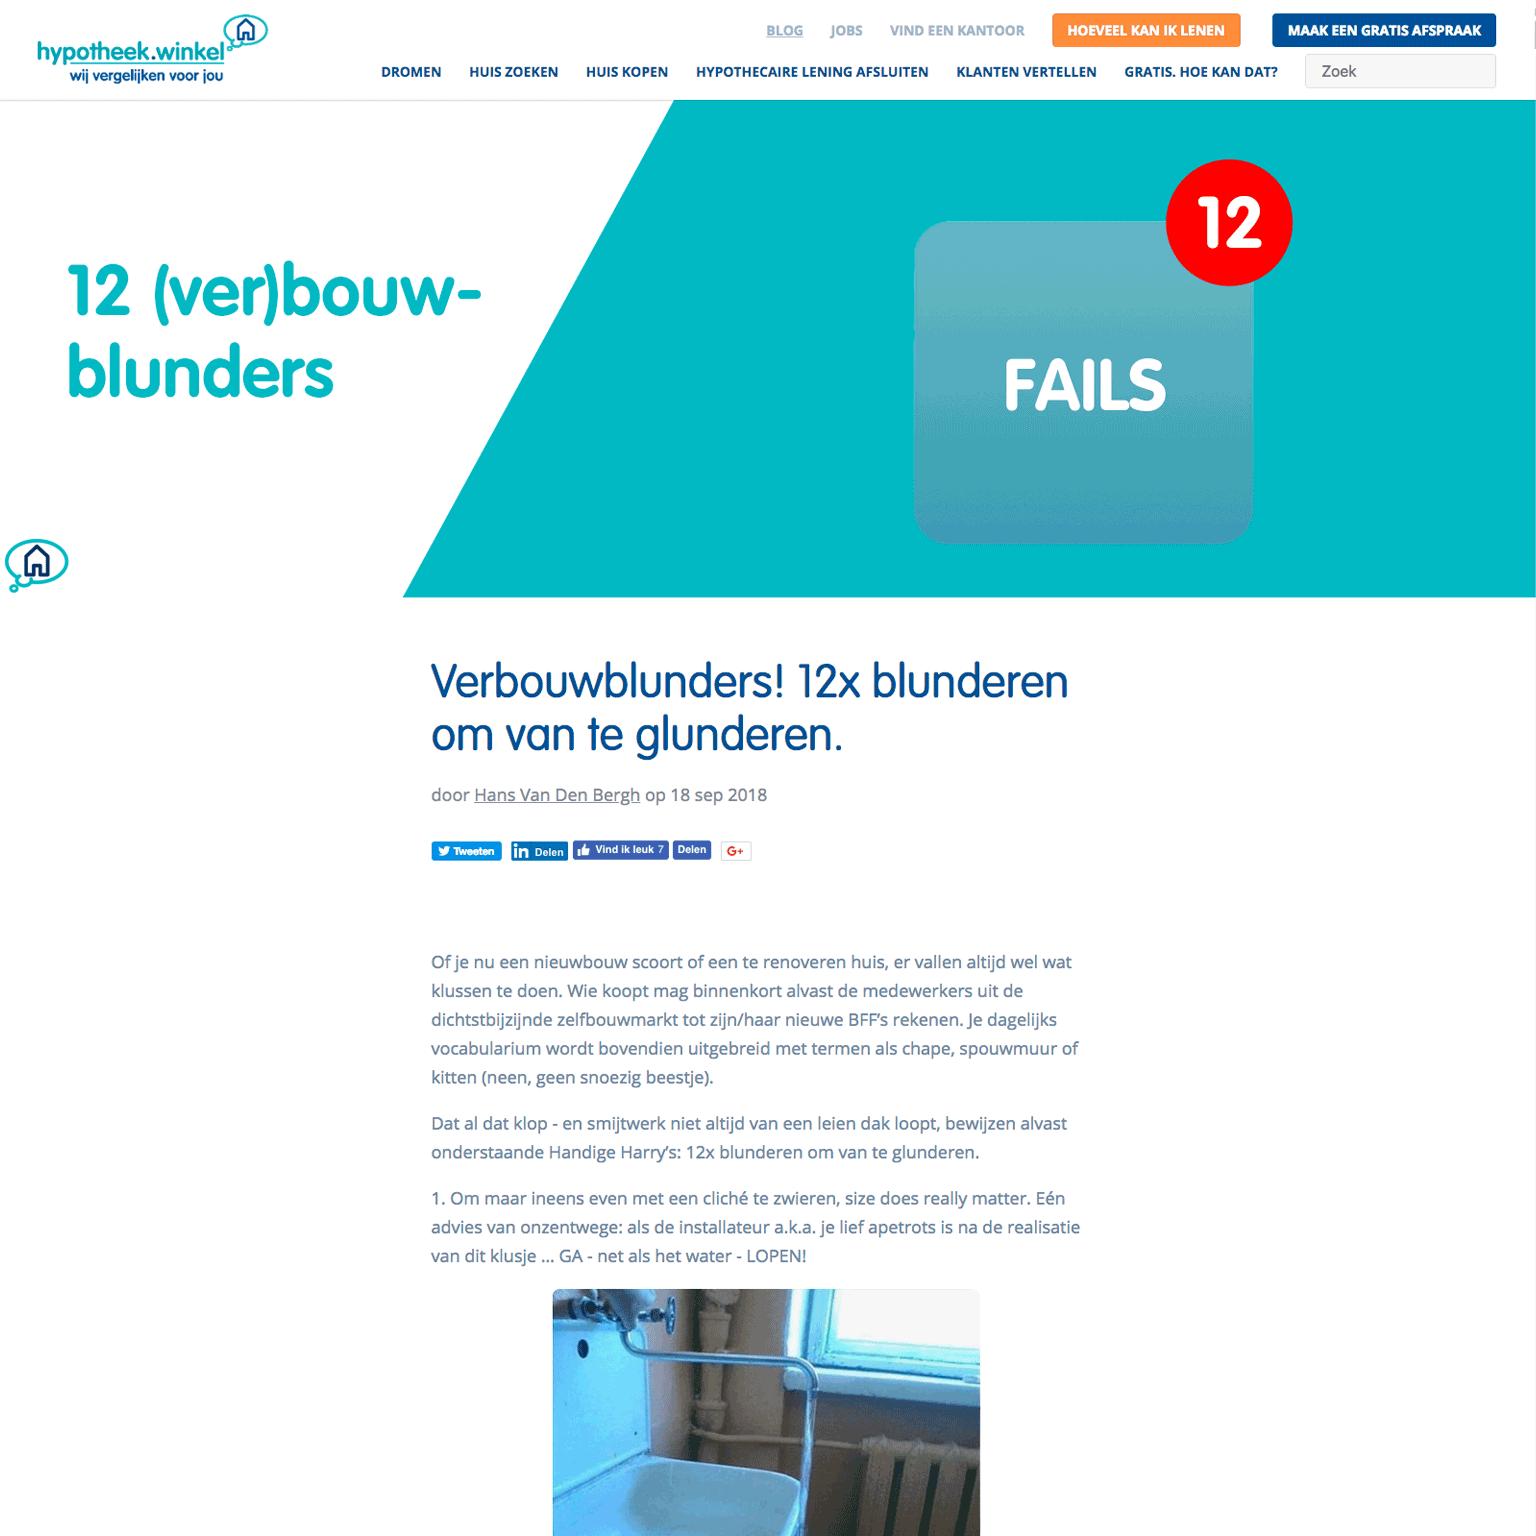 1536x1536-case-study-hypotheekwinkel-blog-overview